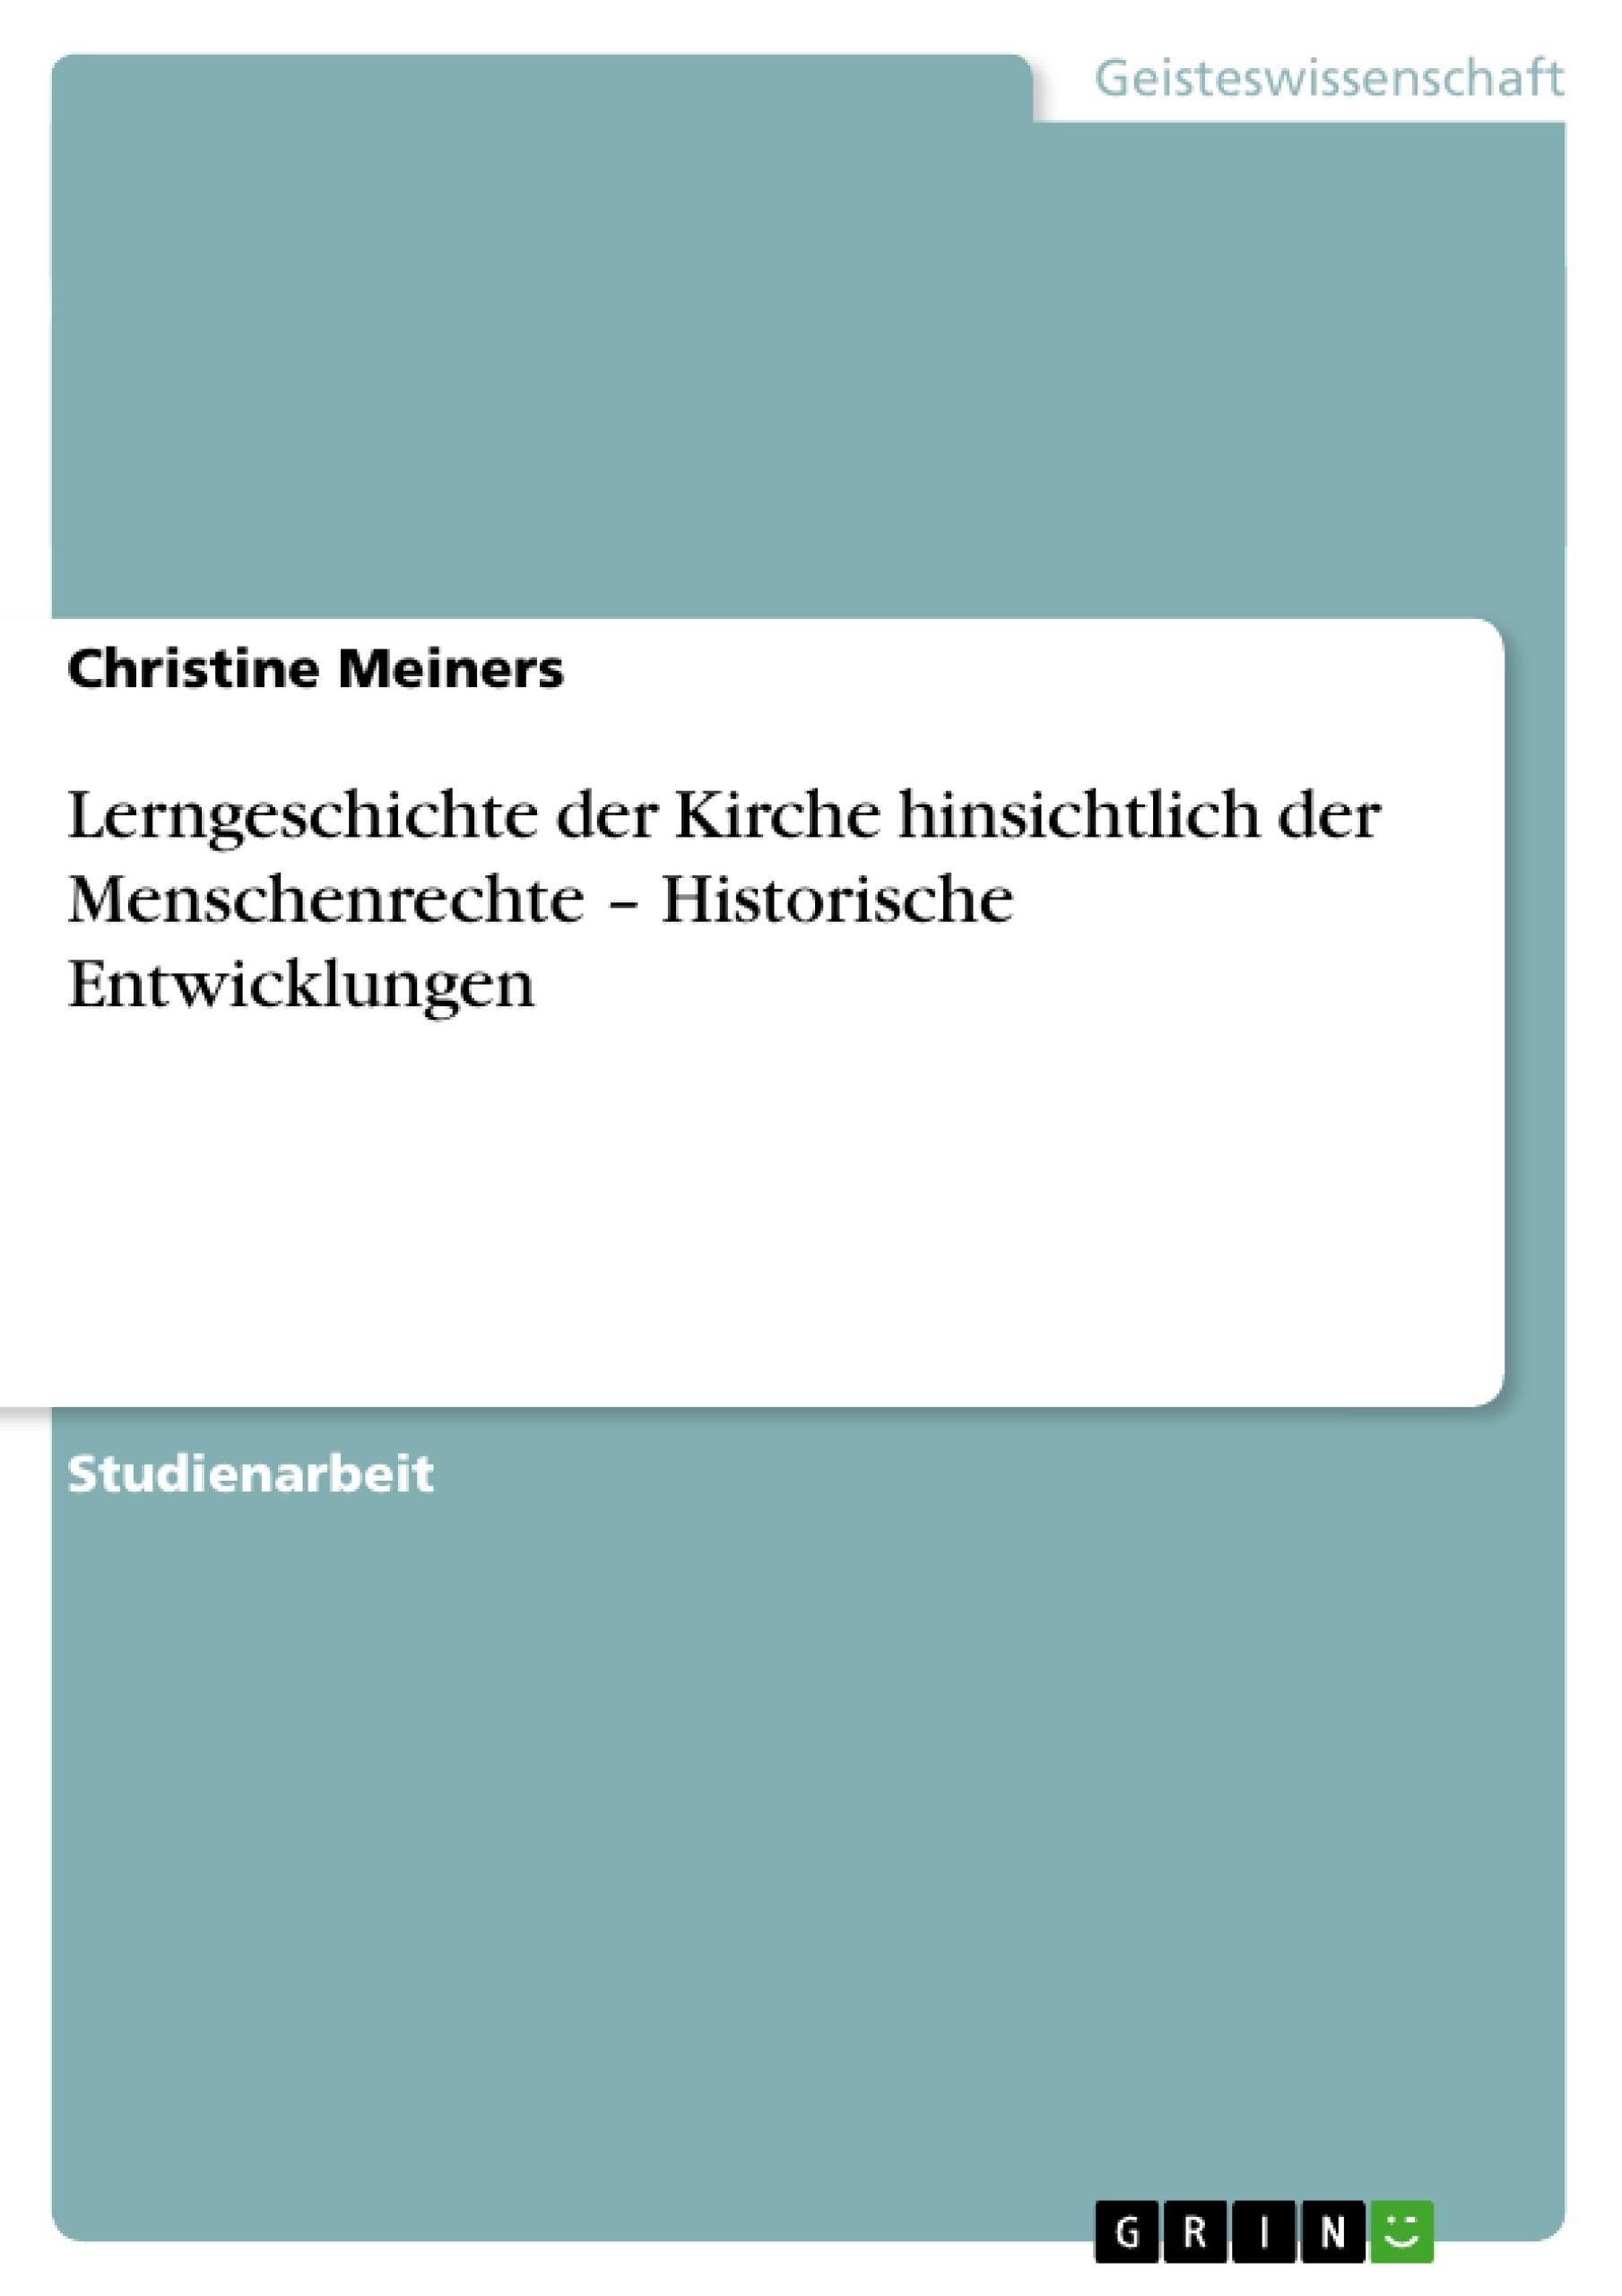 Titel: Lerngeschichte der Kirche hinsichtlich der Menschenrechte – Historische Entwicklungen